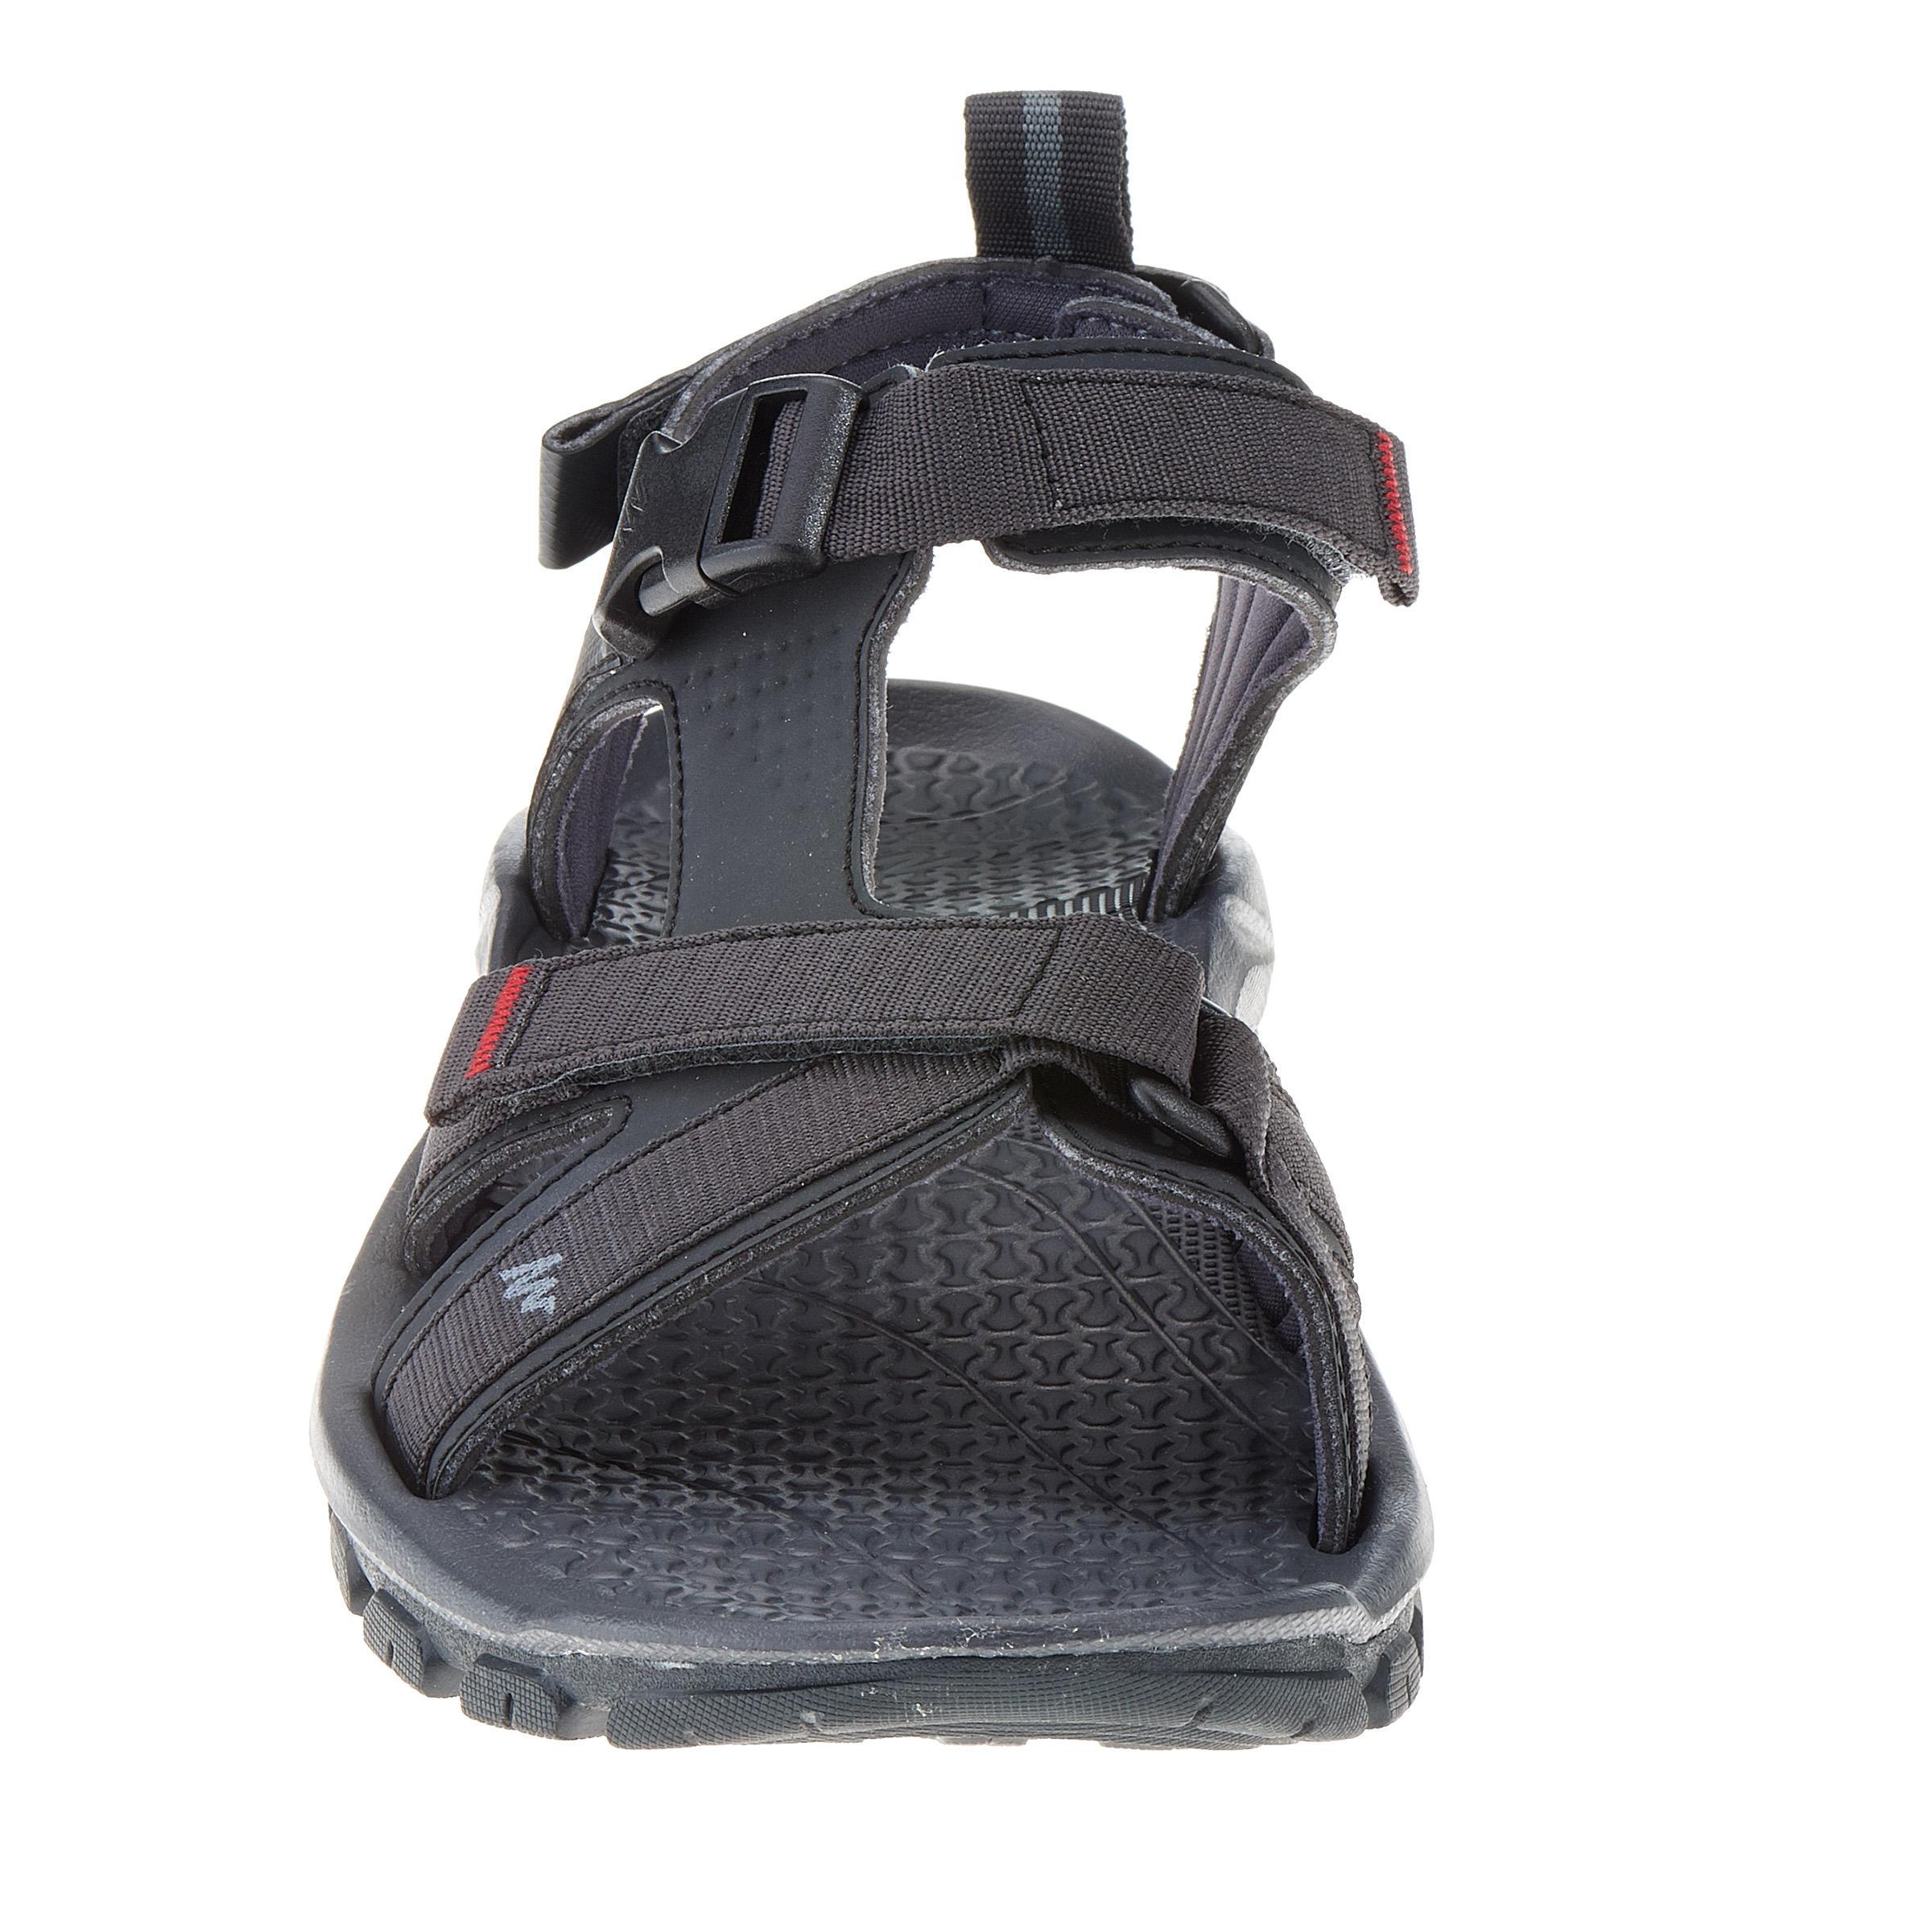 Sandales randonnée Arpenaz 100 homme noir